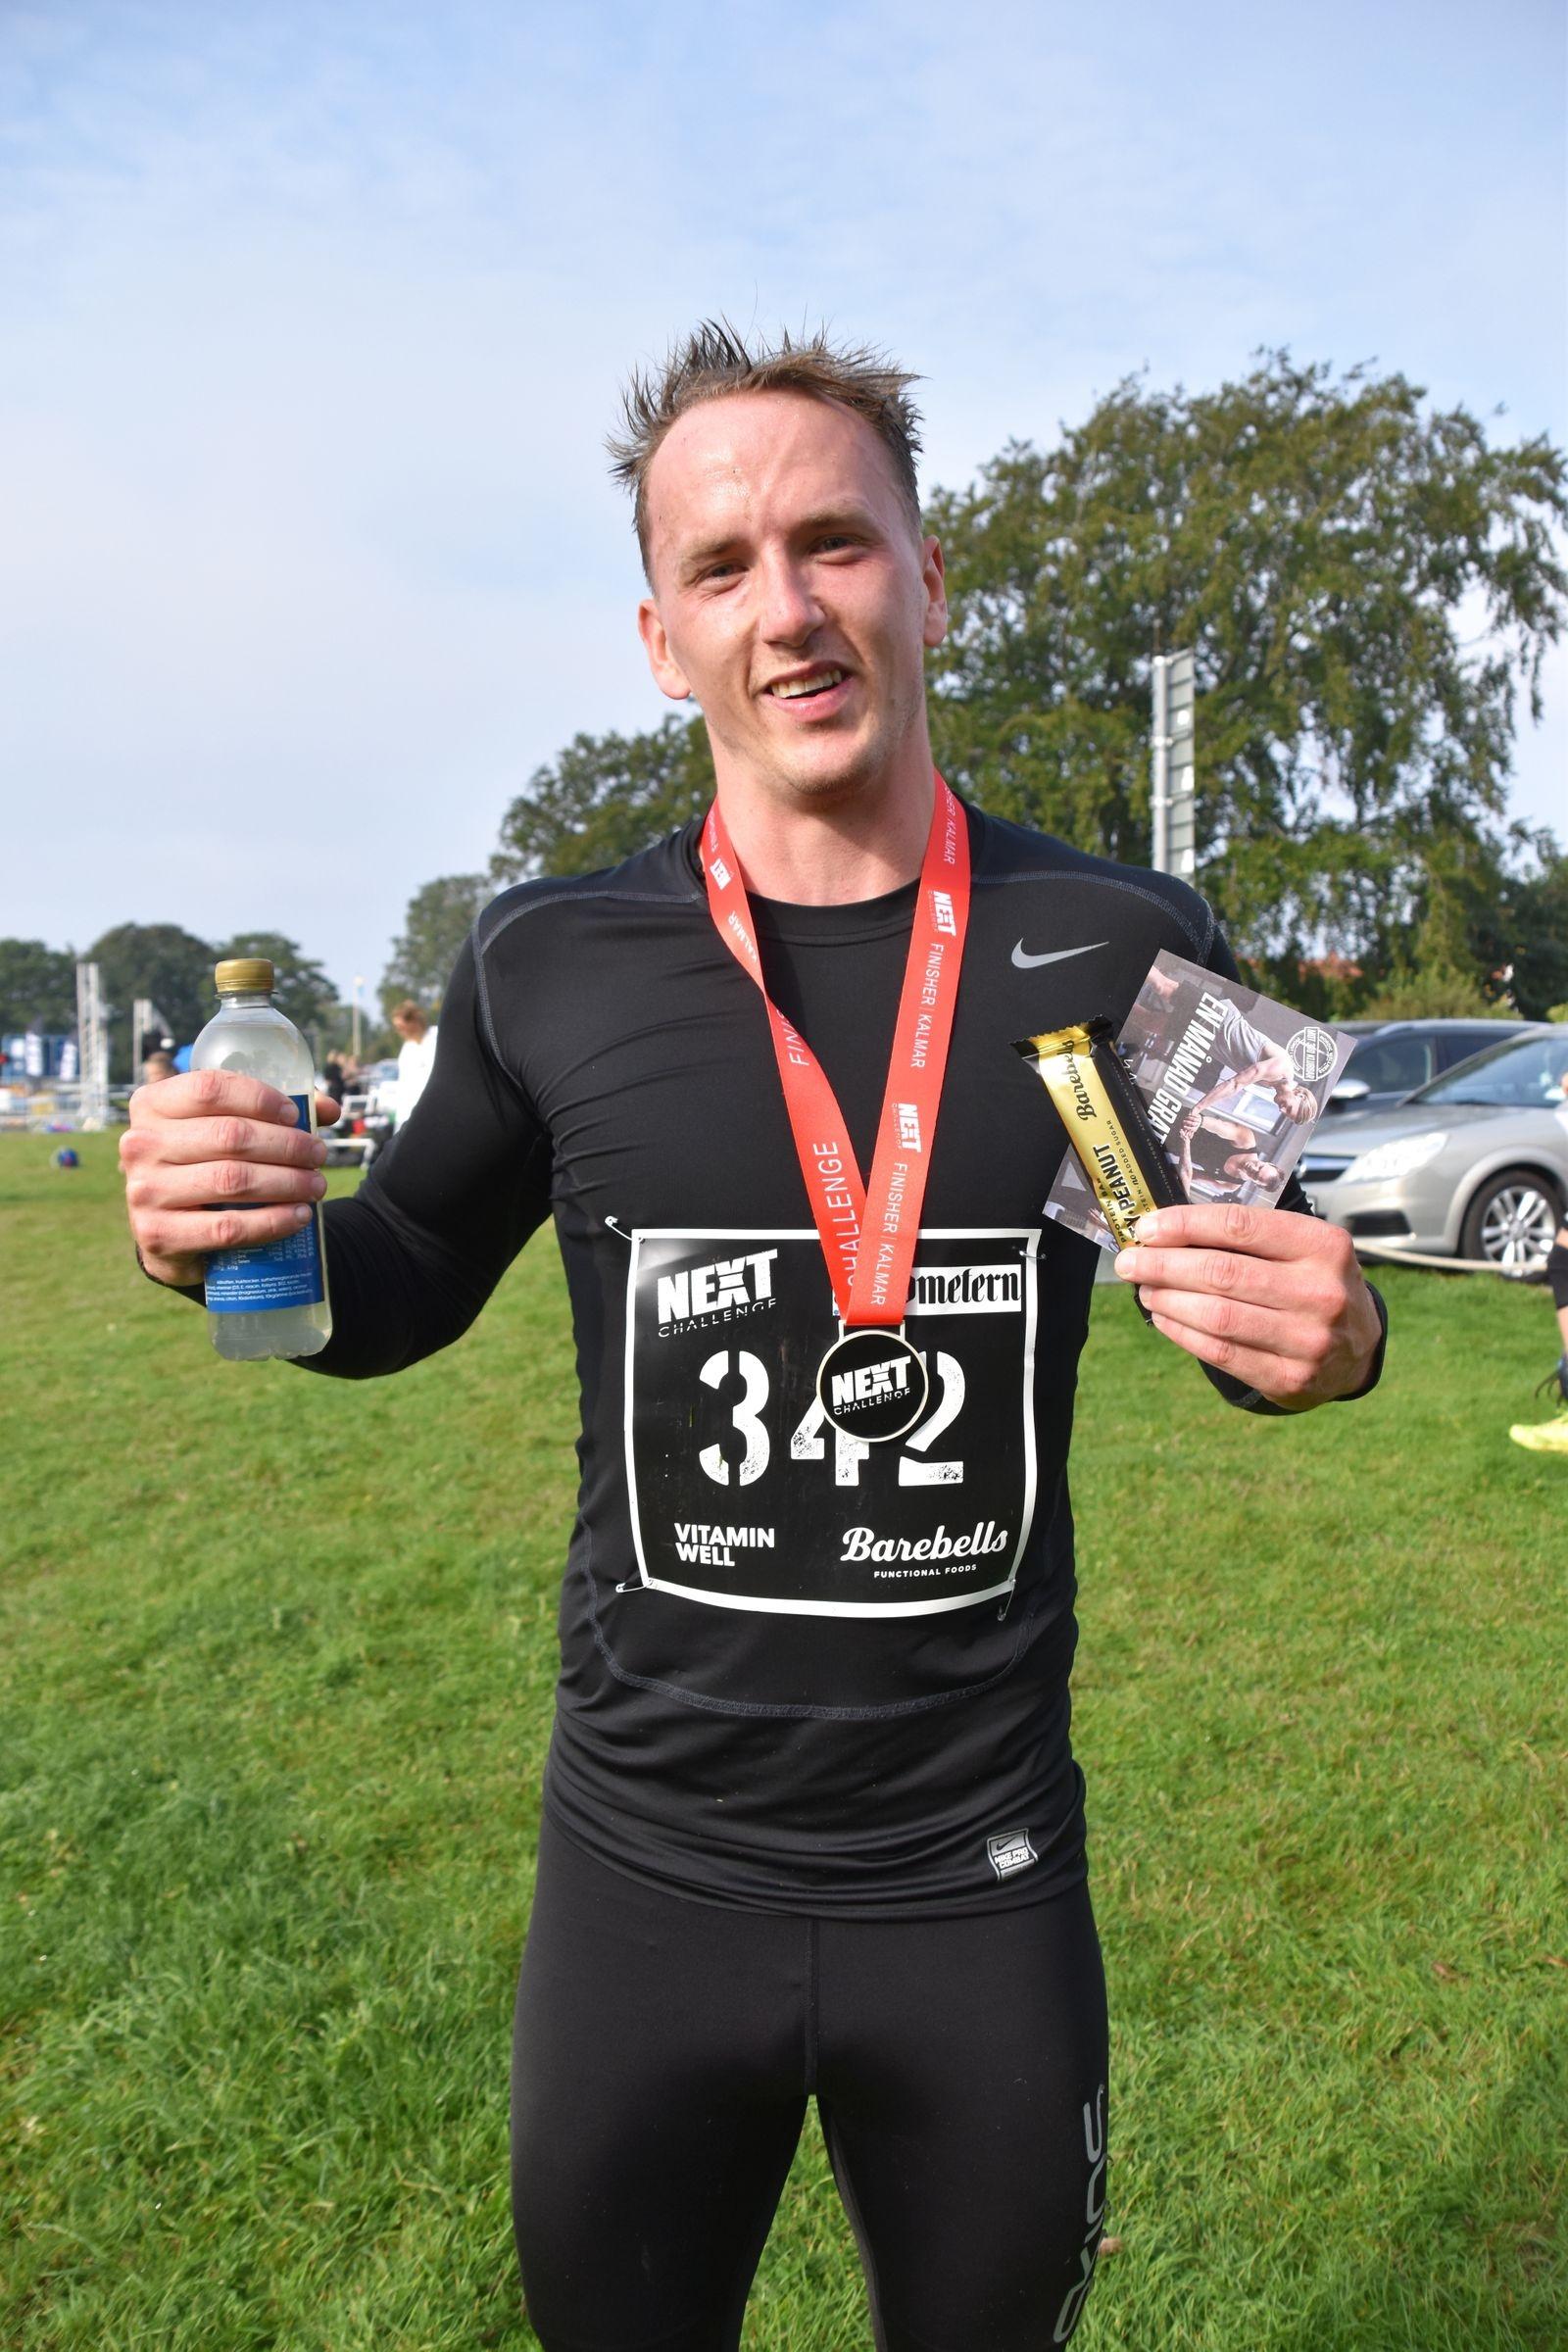 Fredric Axelsson hade för mål att avsluta den 7 km rundan under 50 minuter. Det blev en hedrande 48 minuter.